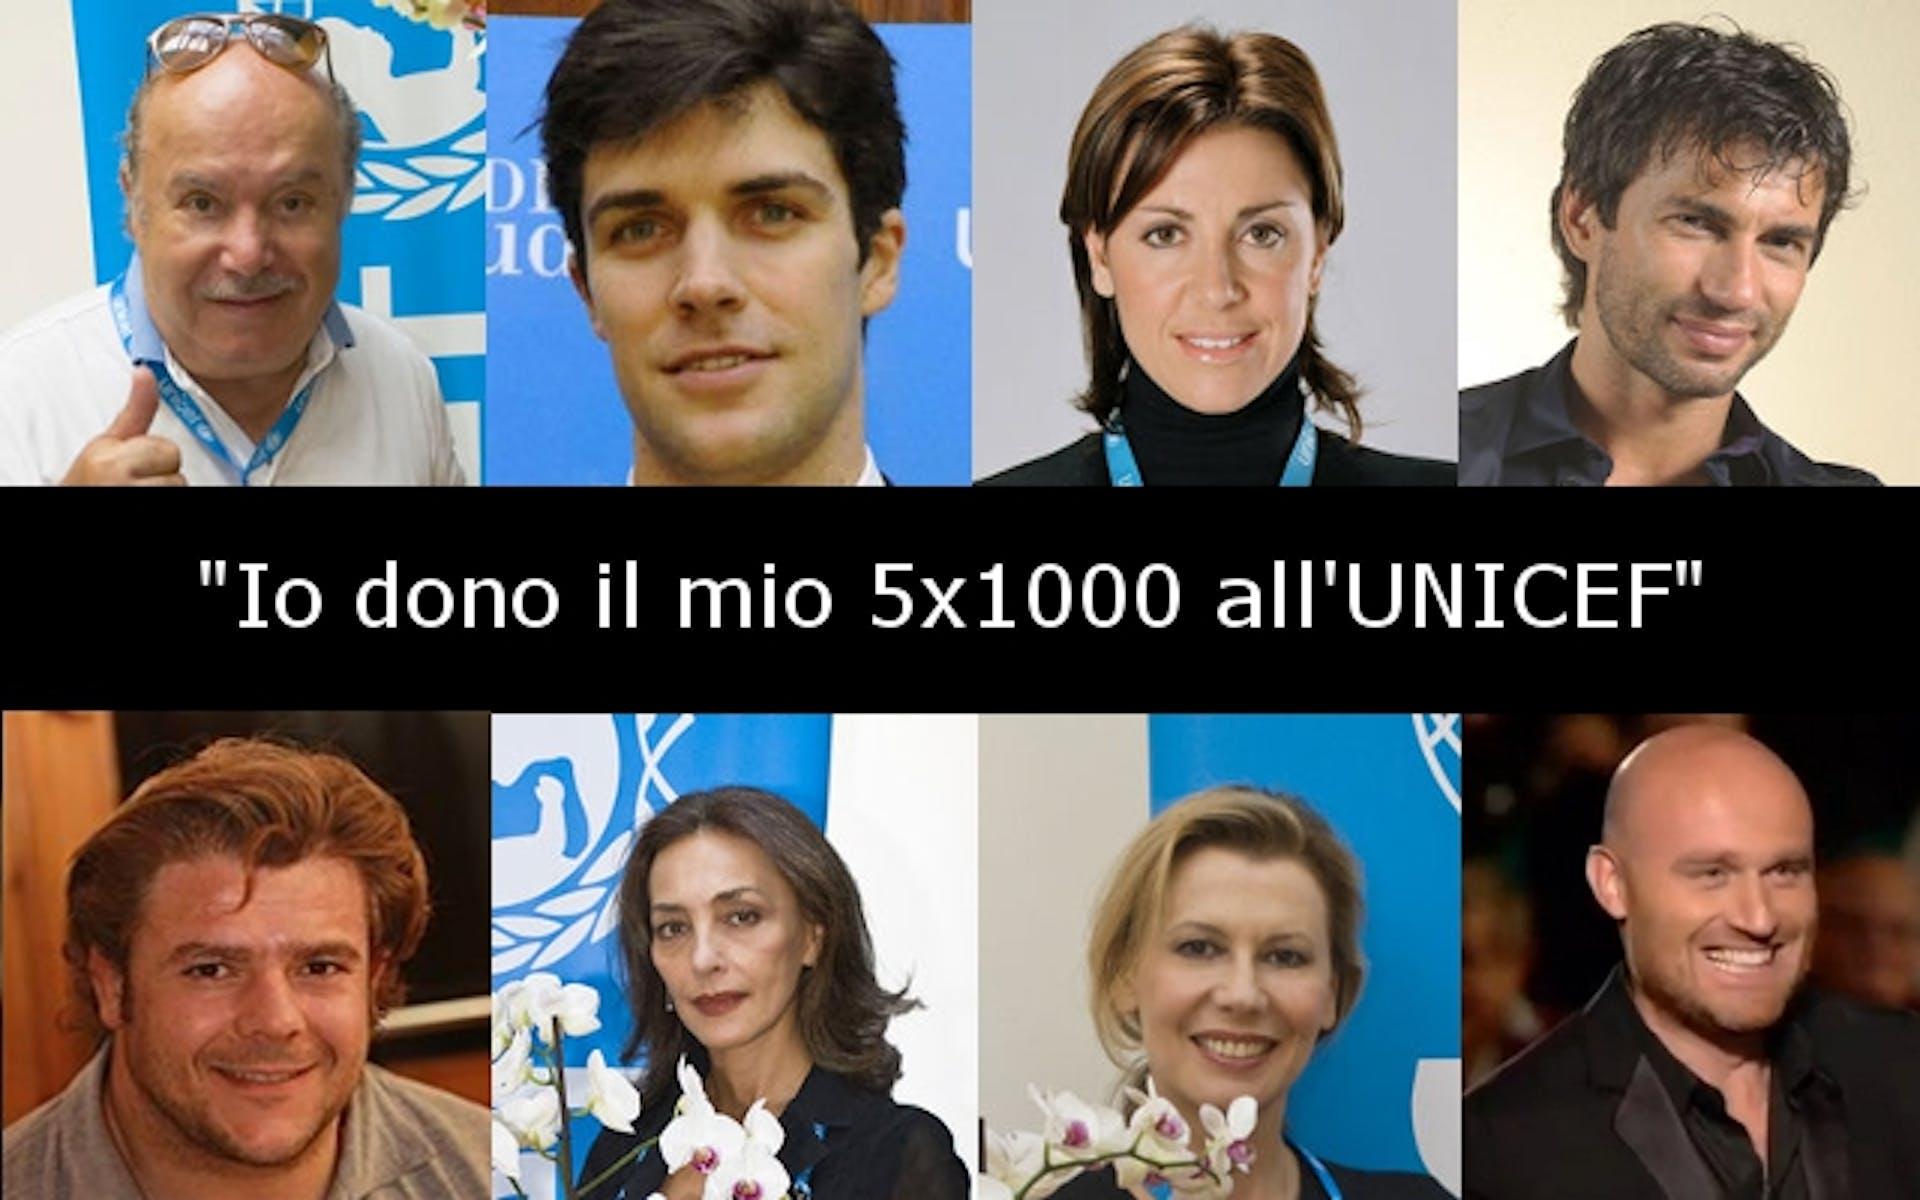 Ambasciatori e testimonial che donano il 5x1000 all'UNICEF